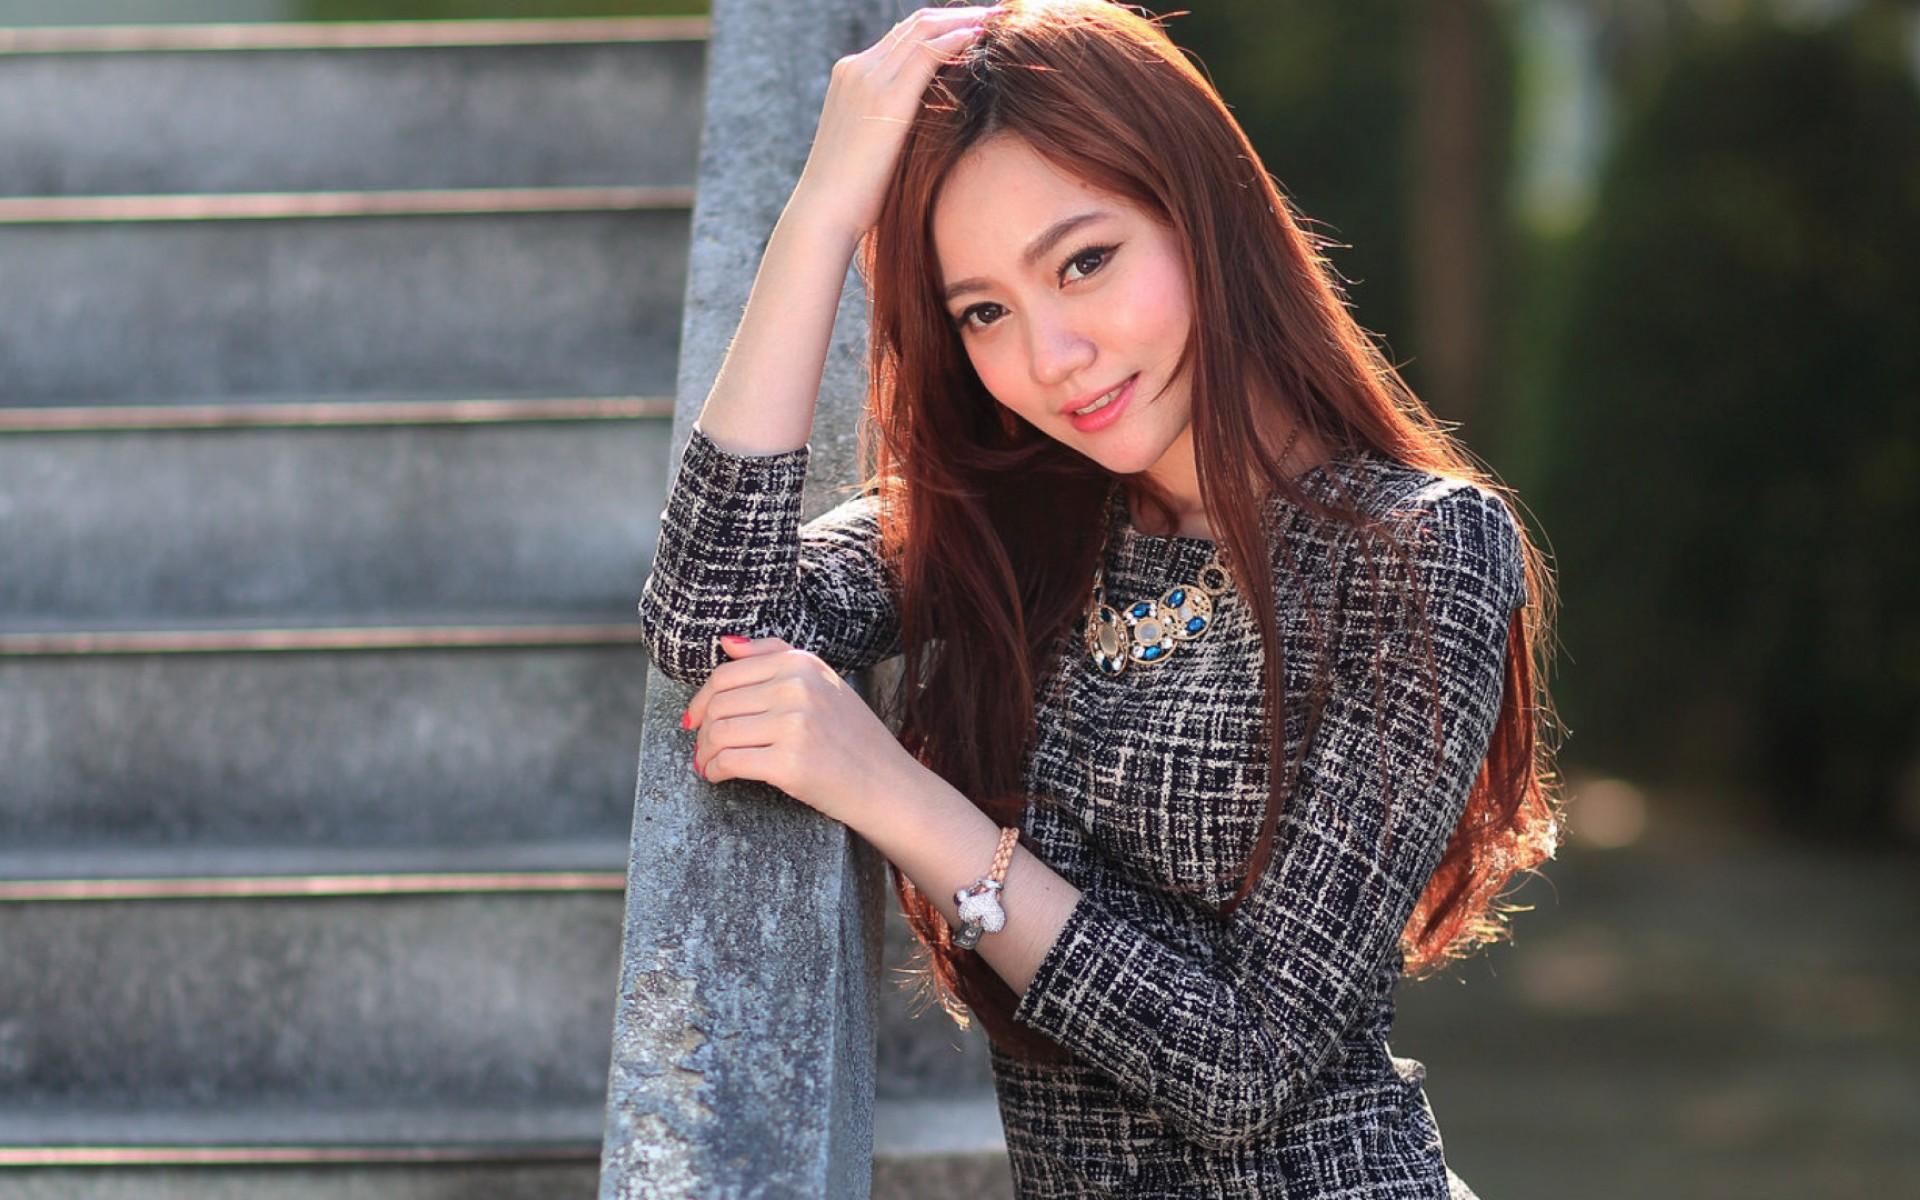 亚洲美女 群芳斗艳2 - 花開有聲 - 花開有聲